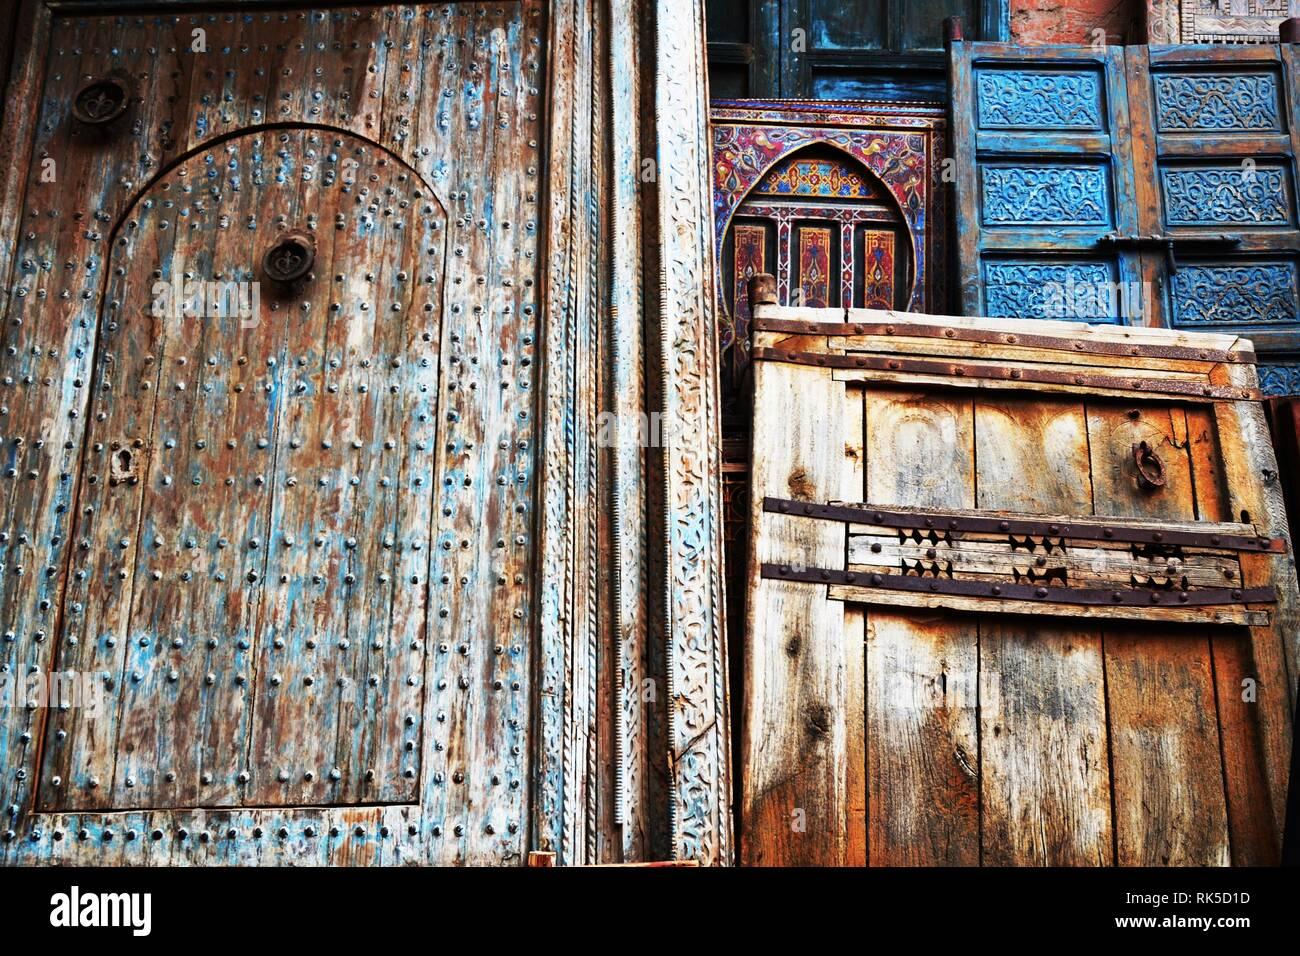 The Splendor Of Old Doors  Beautiful Moroccan old door. Marrakesh, Morocco. Stock Photo